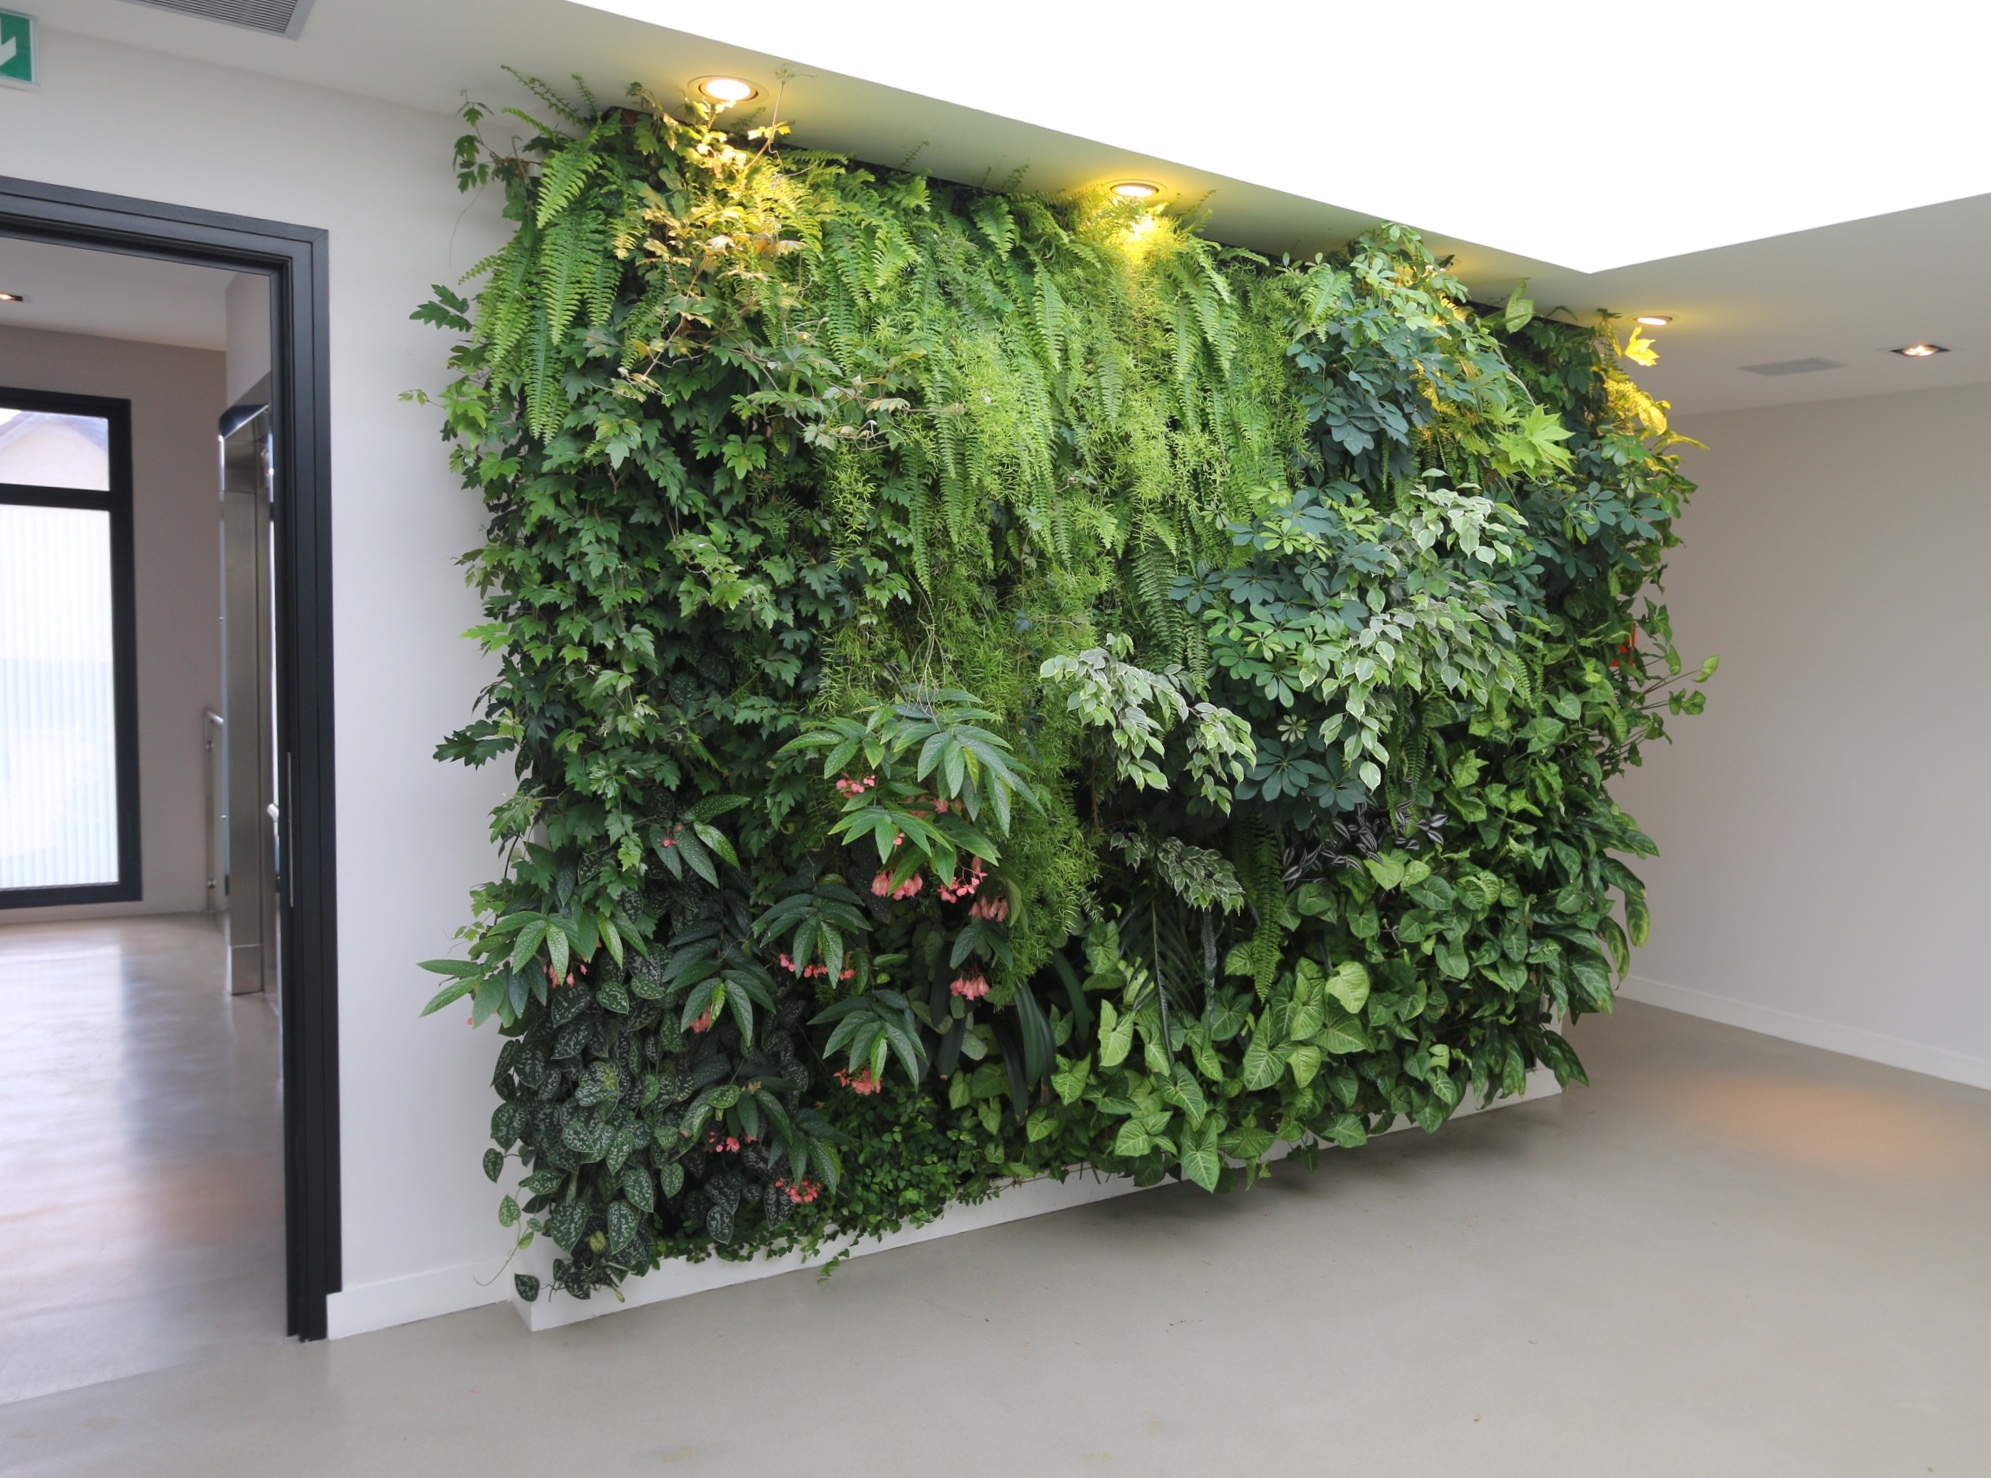 Mur Vegetal Plante Grasse décoration végétale d'intérieur : entre déco naturelle et